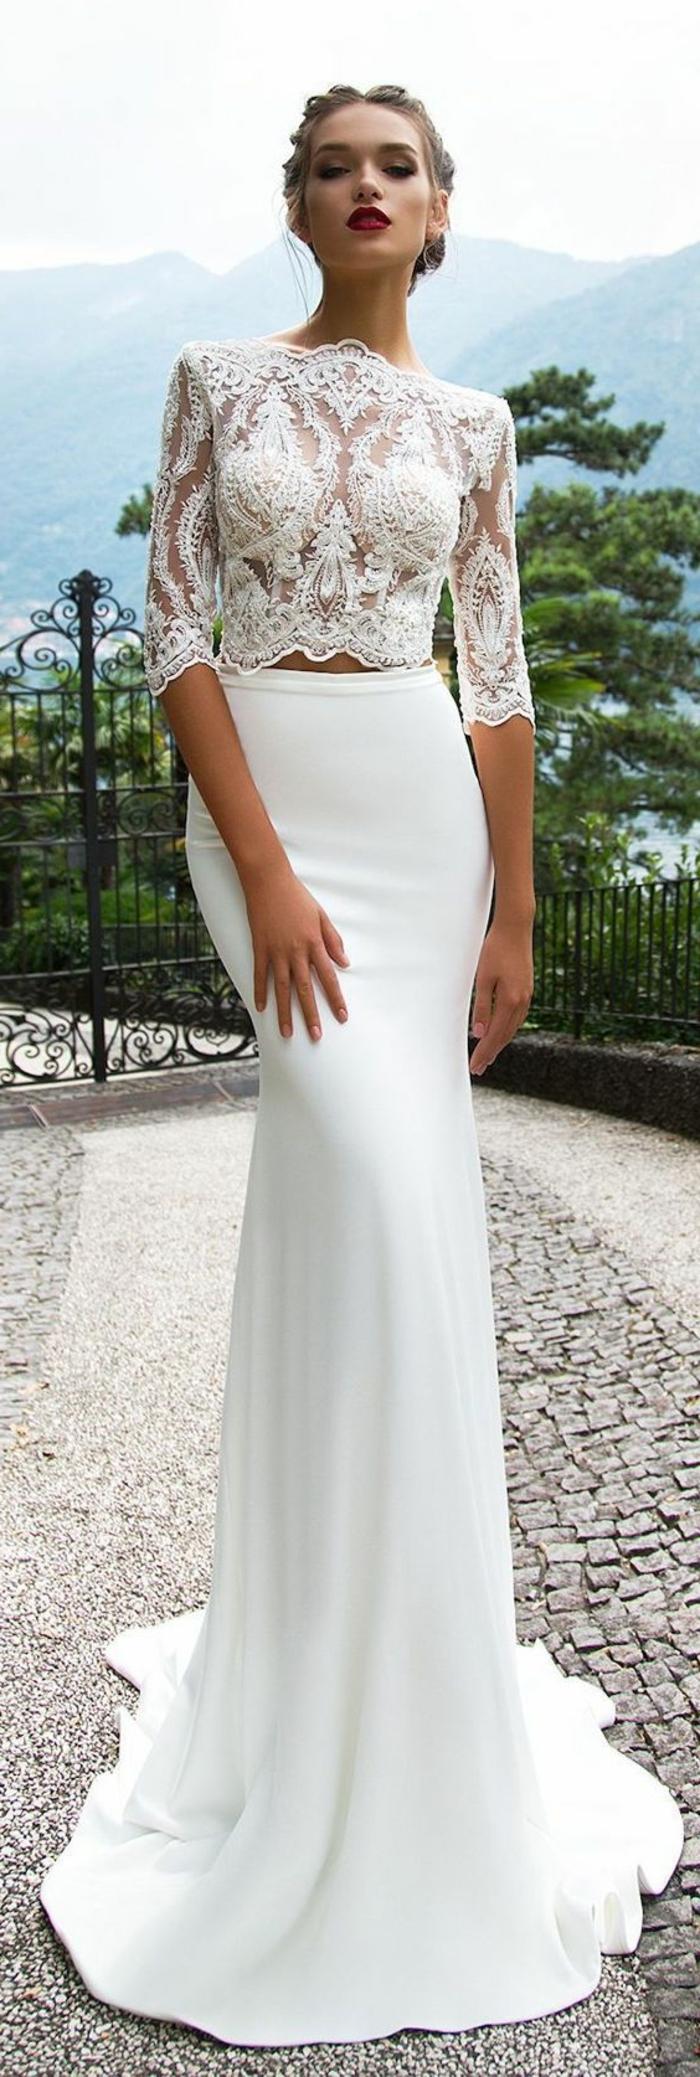 robe sirène dentelle en deux parties, blouse manches longues, dentelle blanche, jupe très moulante en satin blanc, robe de mariée dentelle